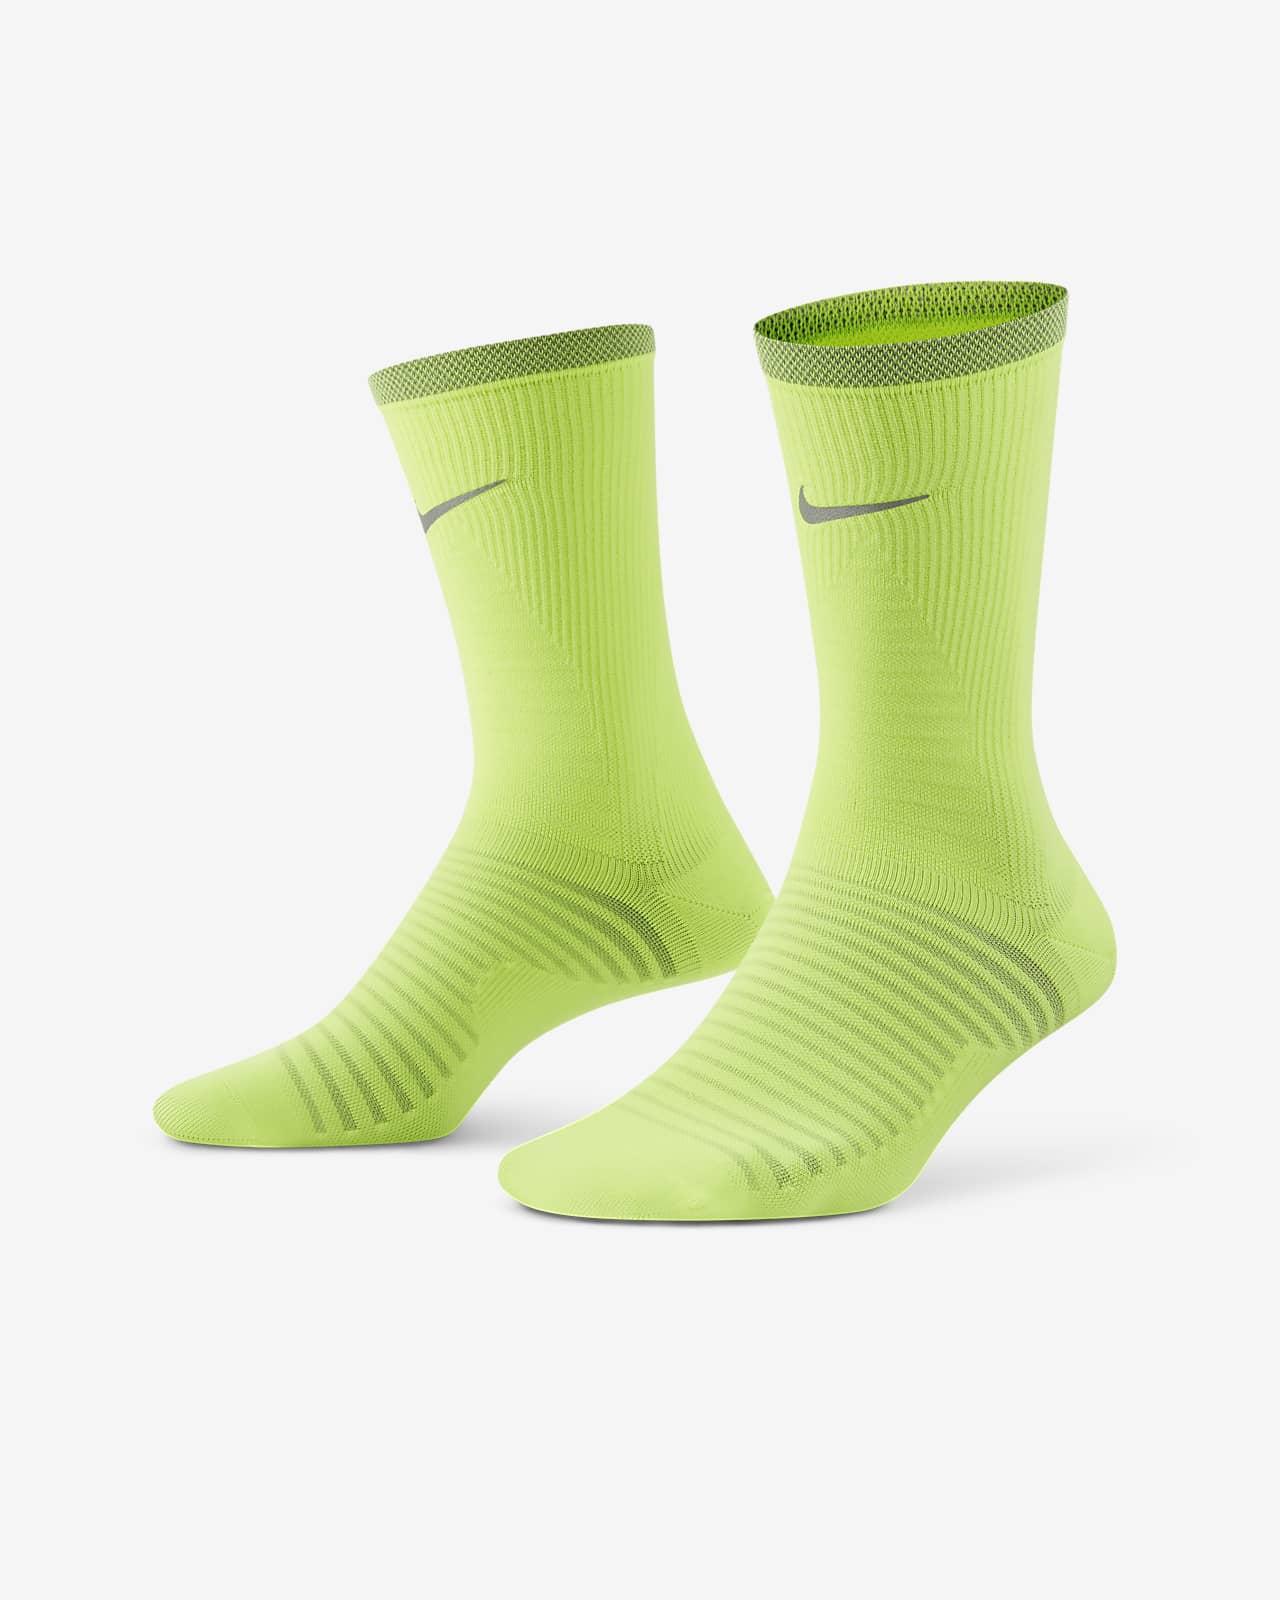 Středně vysoké běžecké ponožky Nike Spark Lightweight